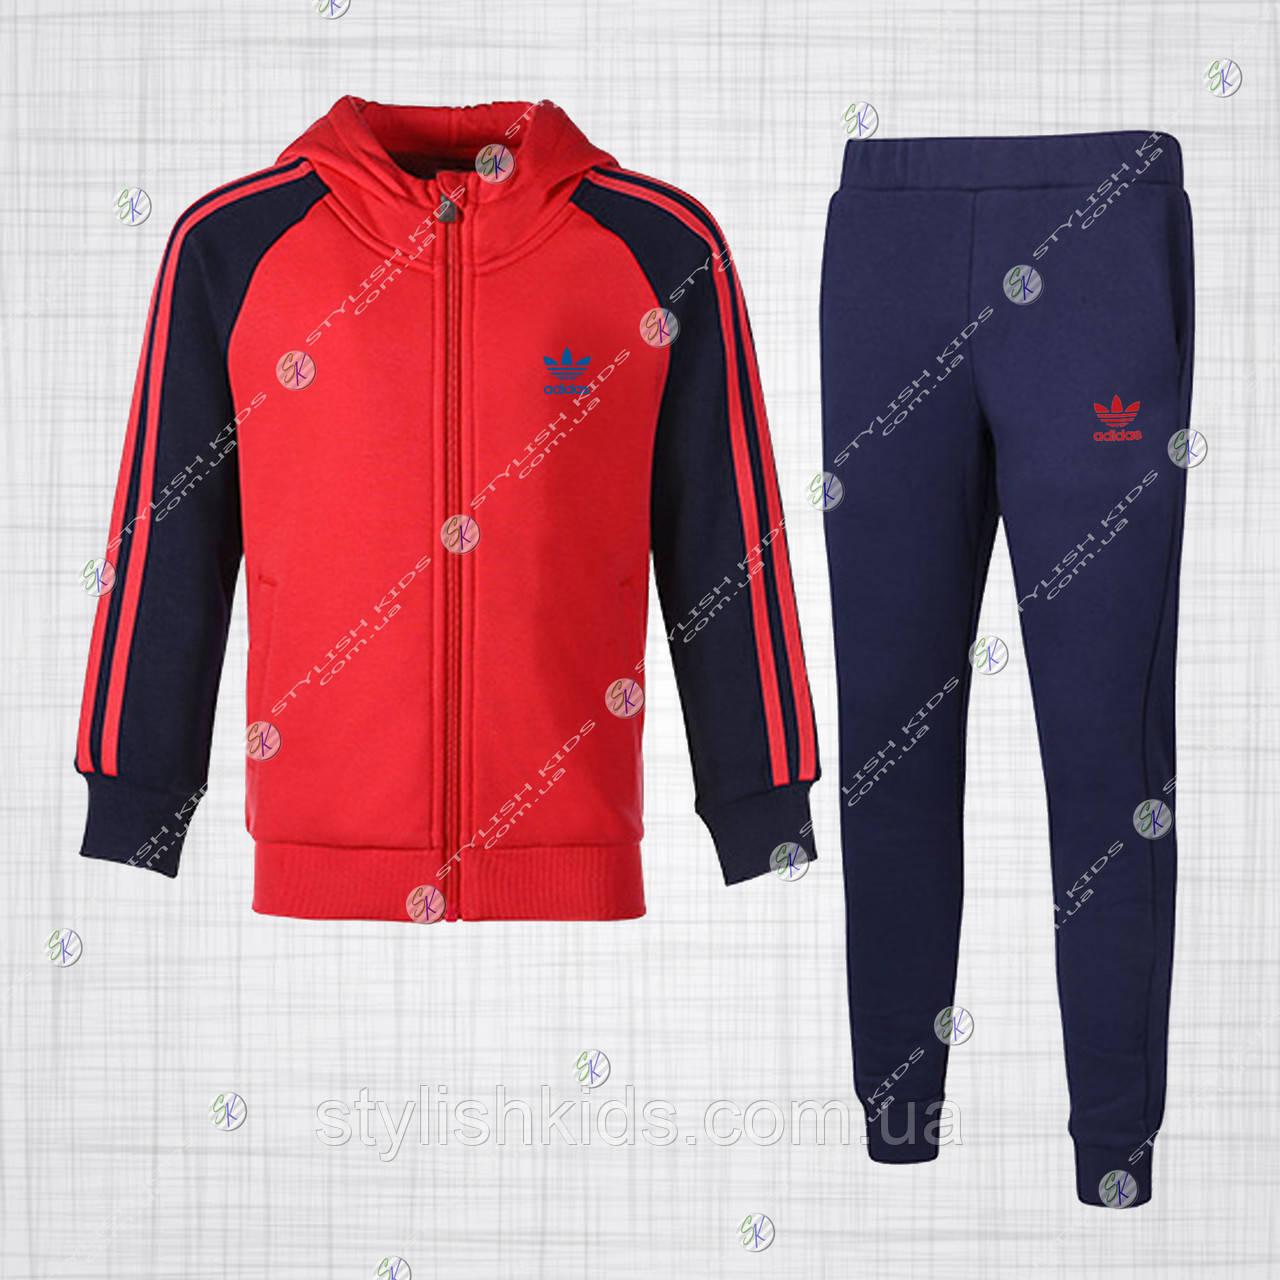 c8e1a722e24404 Купить спортивный костюм adidas на подростка Украина. Спортивный костюм на  мальчика в интернет магазине.